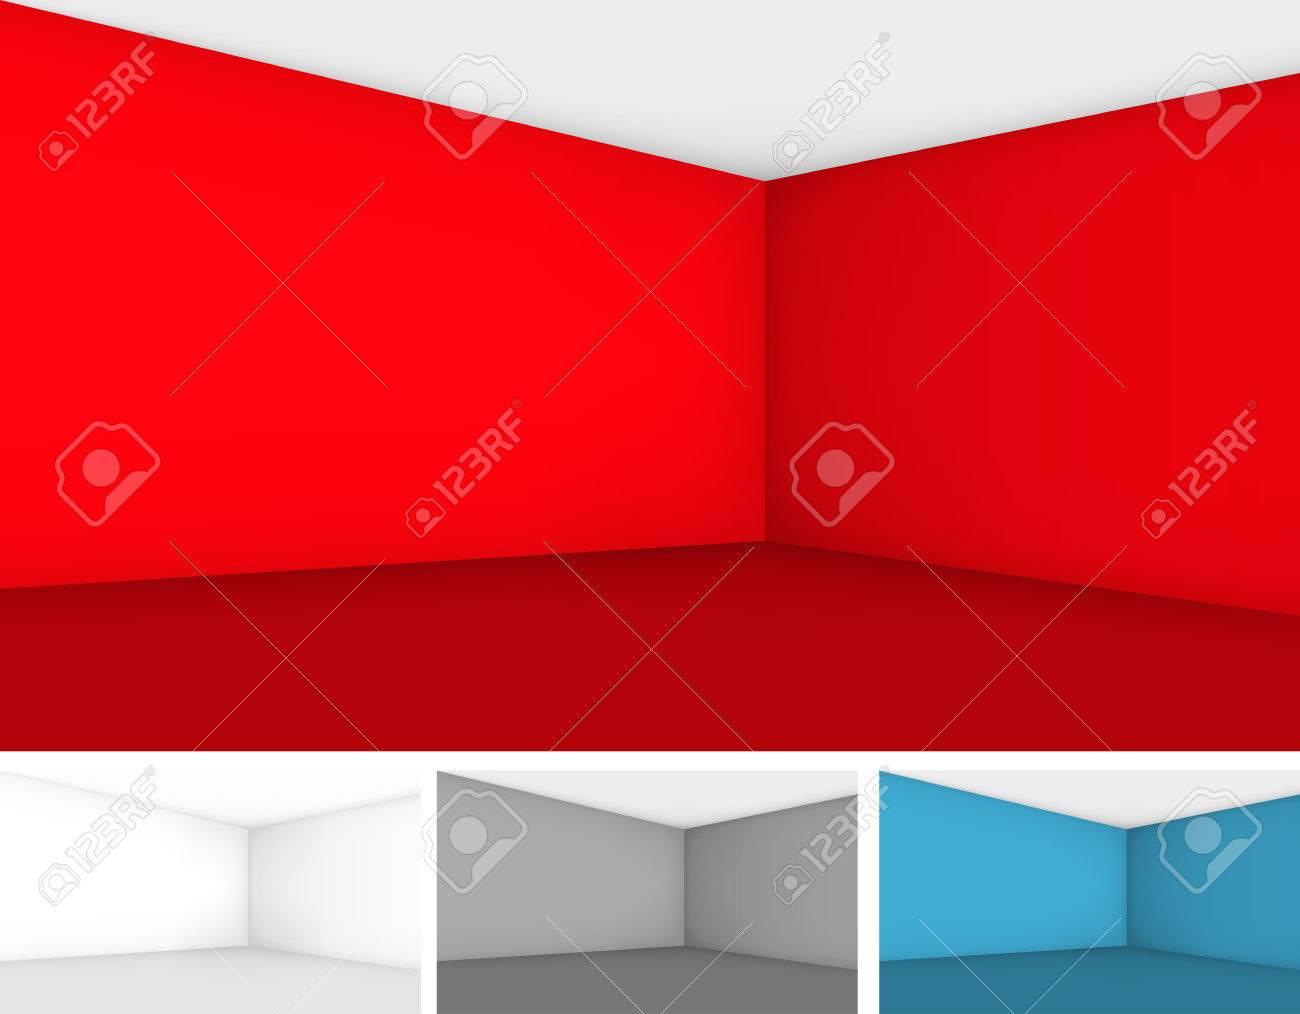 Ensemble de chambre vide modèles de différentes couleurs - rouge, gris et  blanc, des murs avec perspective. Vecteur de fond